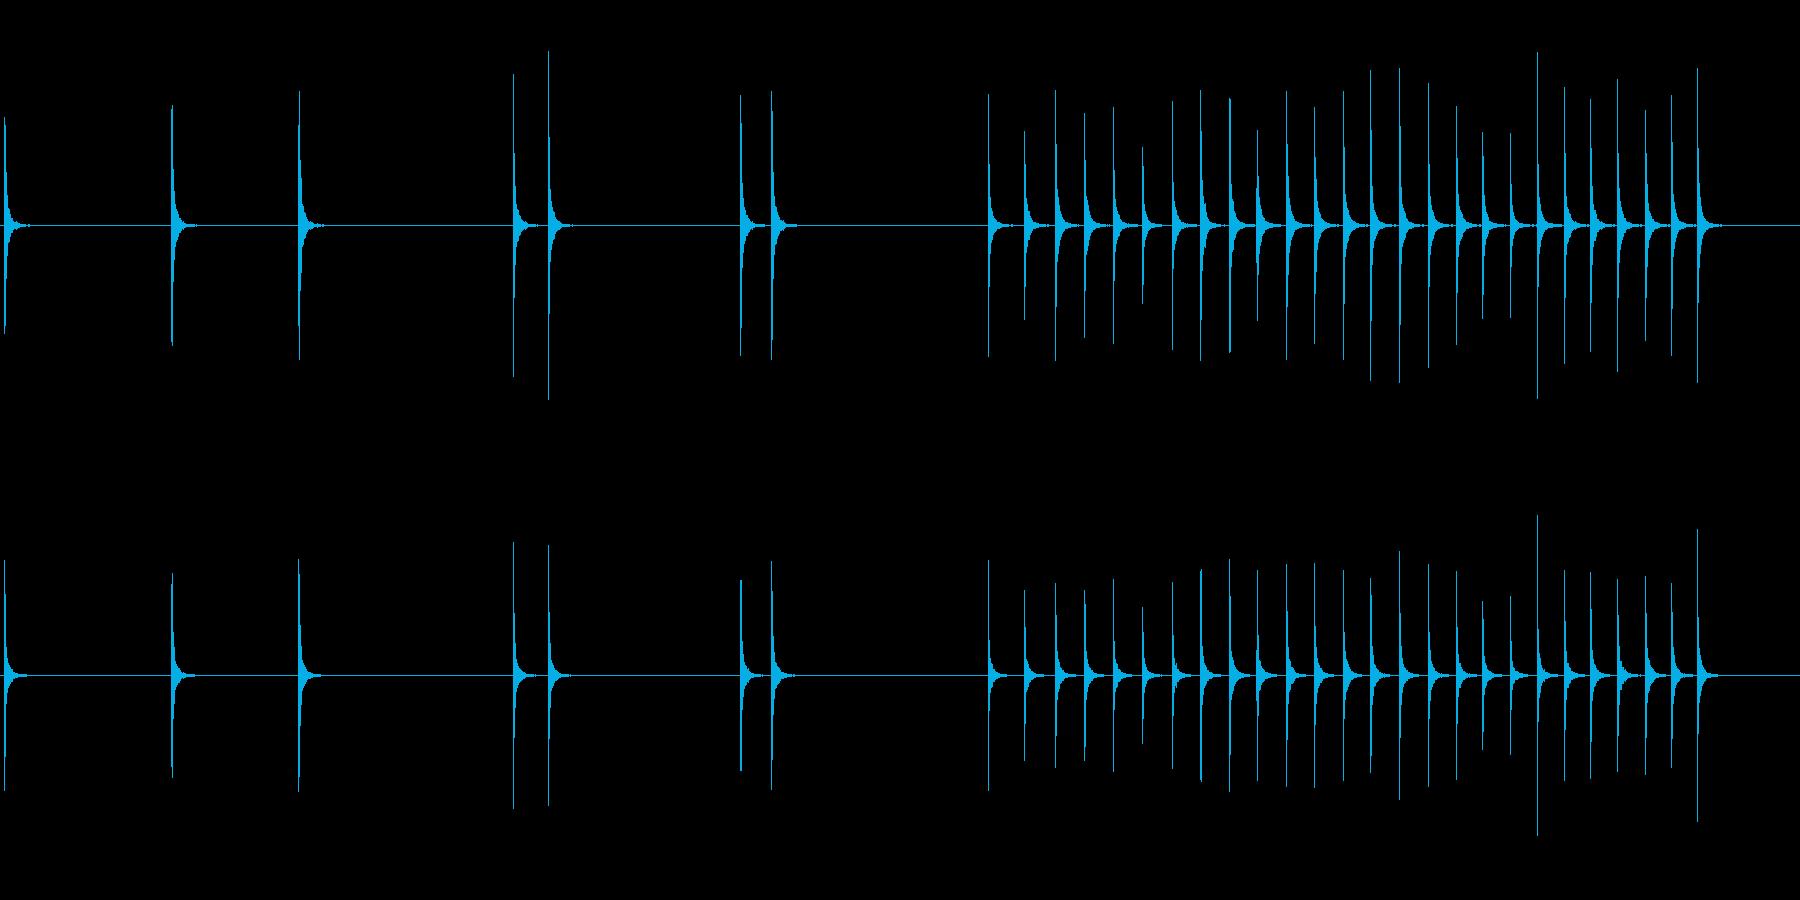 ハンマー、スモール、メタル、アンビ...の再生済みの波形